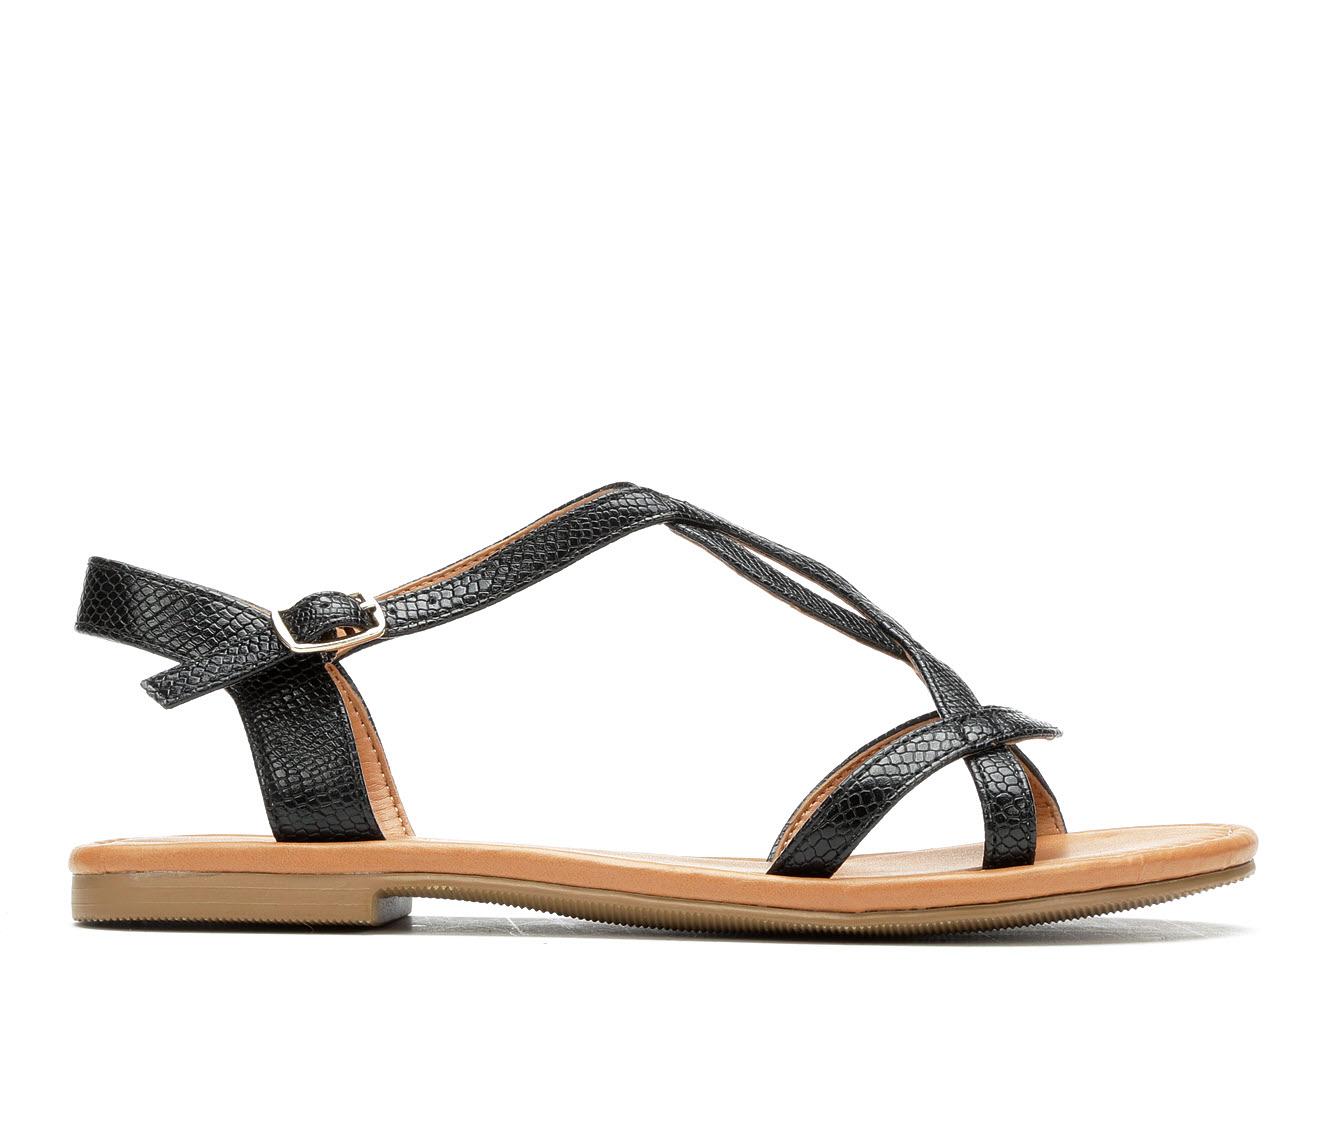 Solanz Agent Women's Sandal (Black Faux Leather)